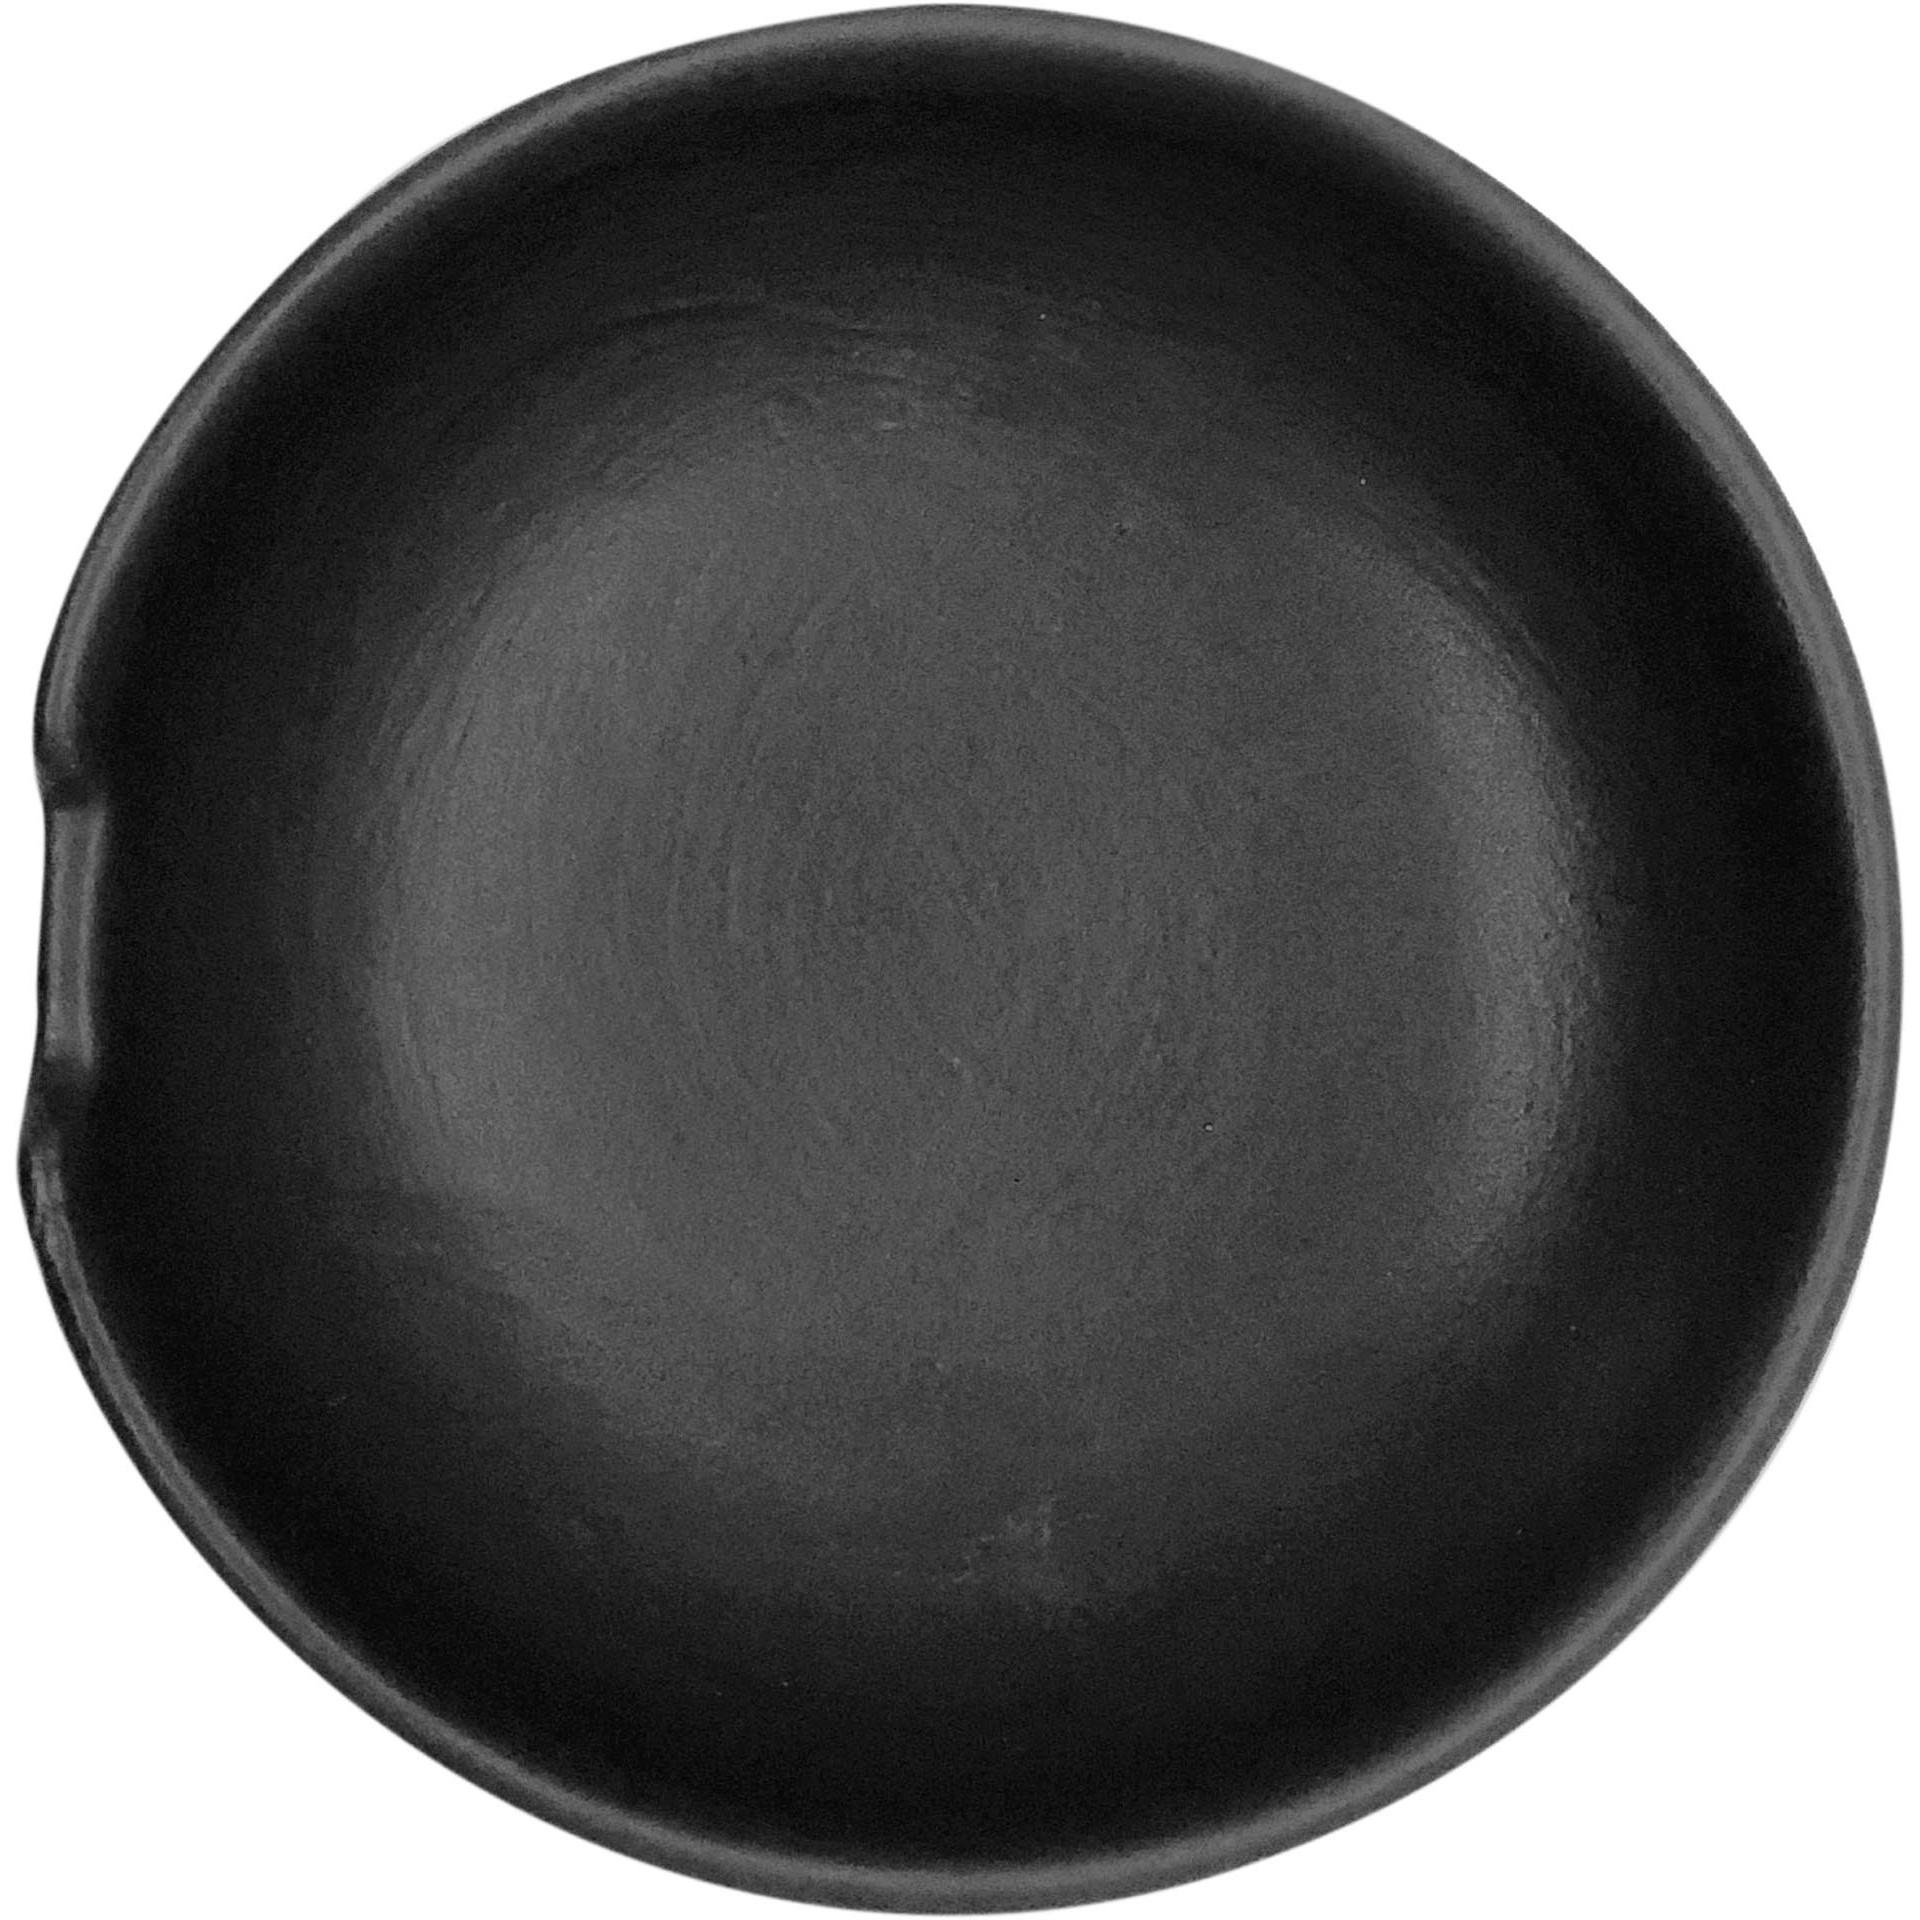 Keramik Ablage Schwarz Reisloffelablage O 8cm Schwarz Cent Sonstiges Geschirr Cent Geschirrserien Geschirr Gedeckter Tisch Wolf Gastro Shop